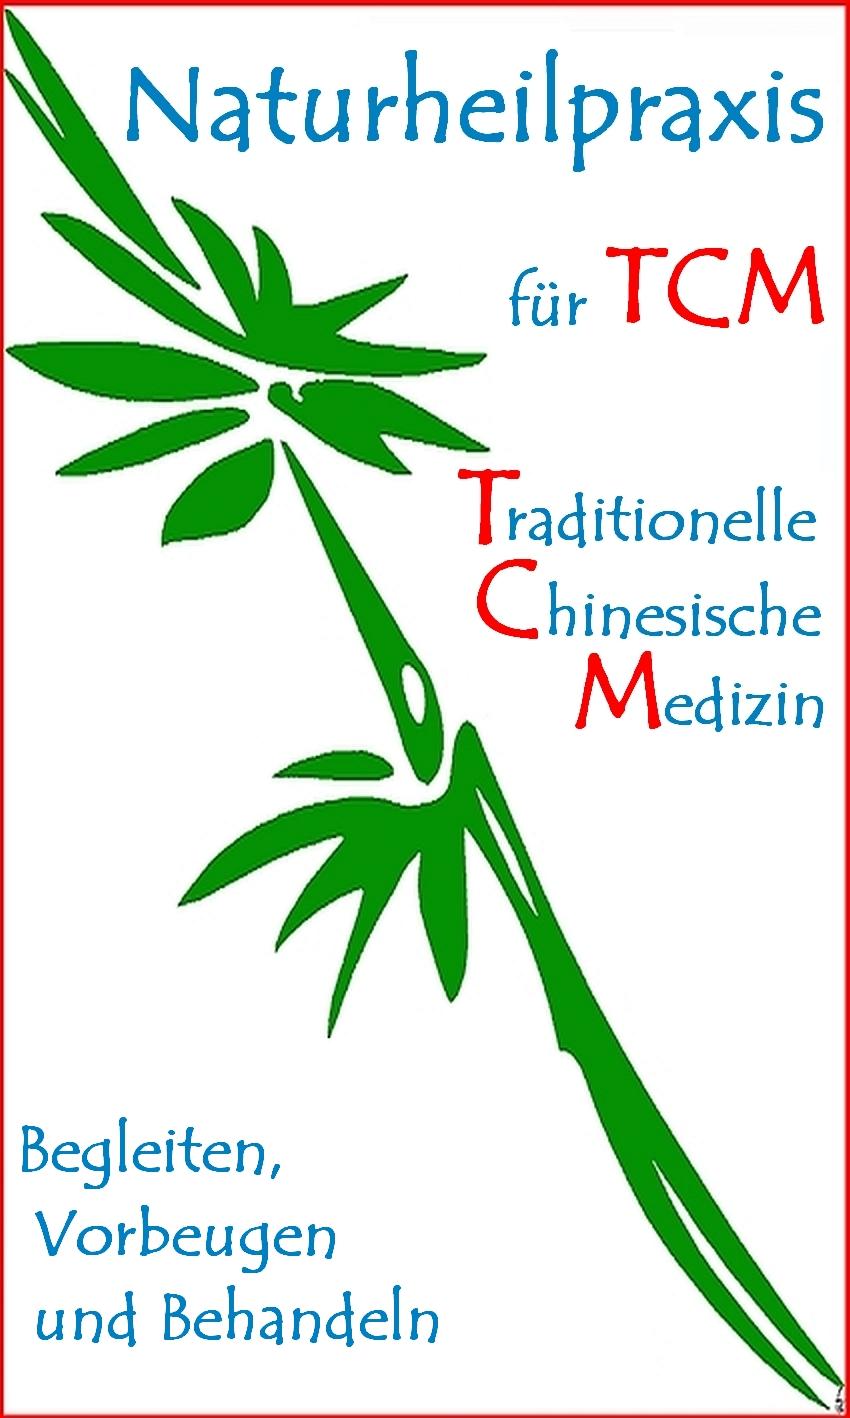 Naturheilpraxis für TCM Ludwig Kneißl Mering